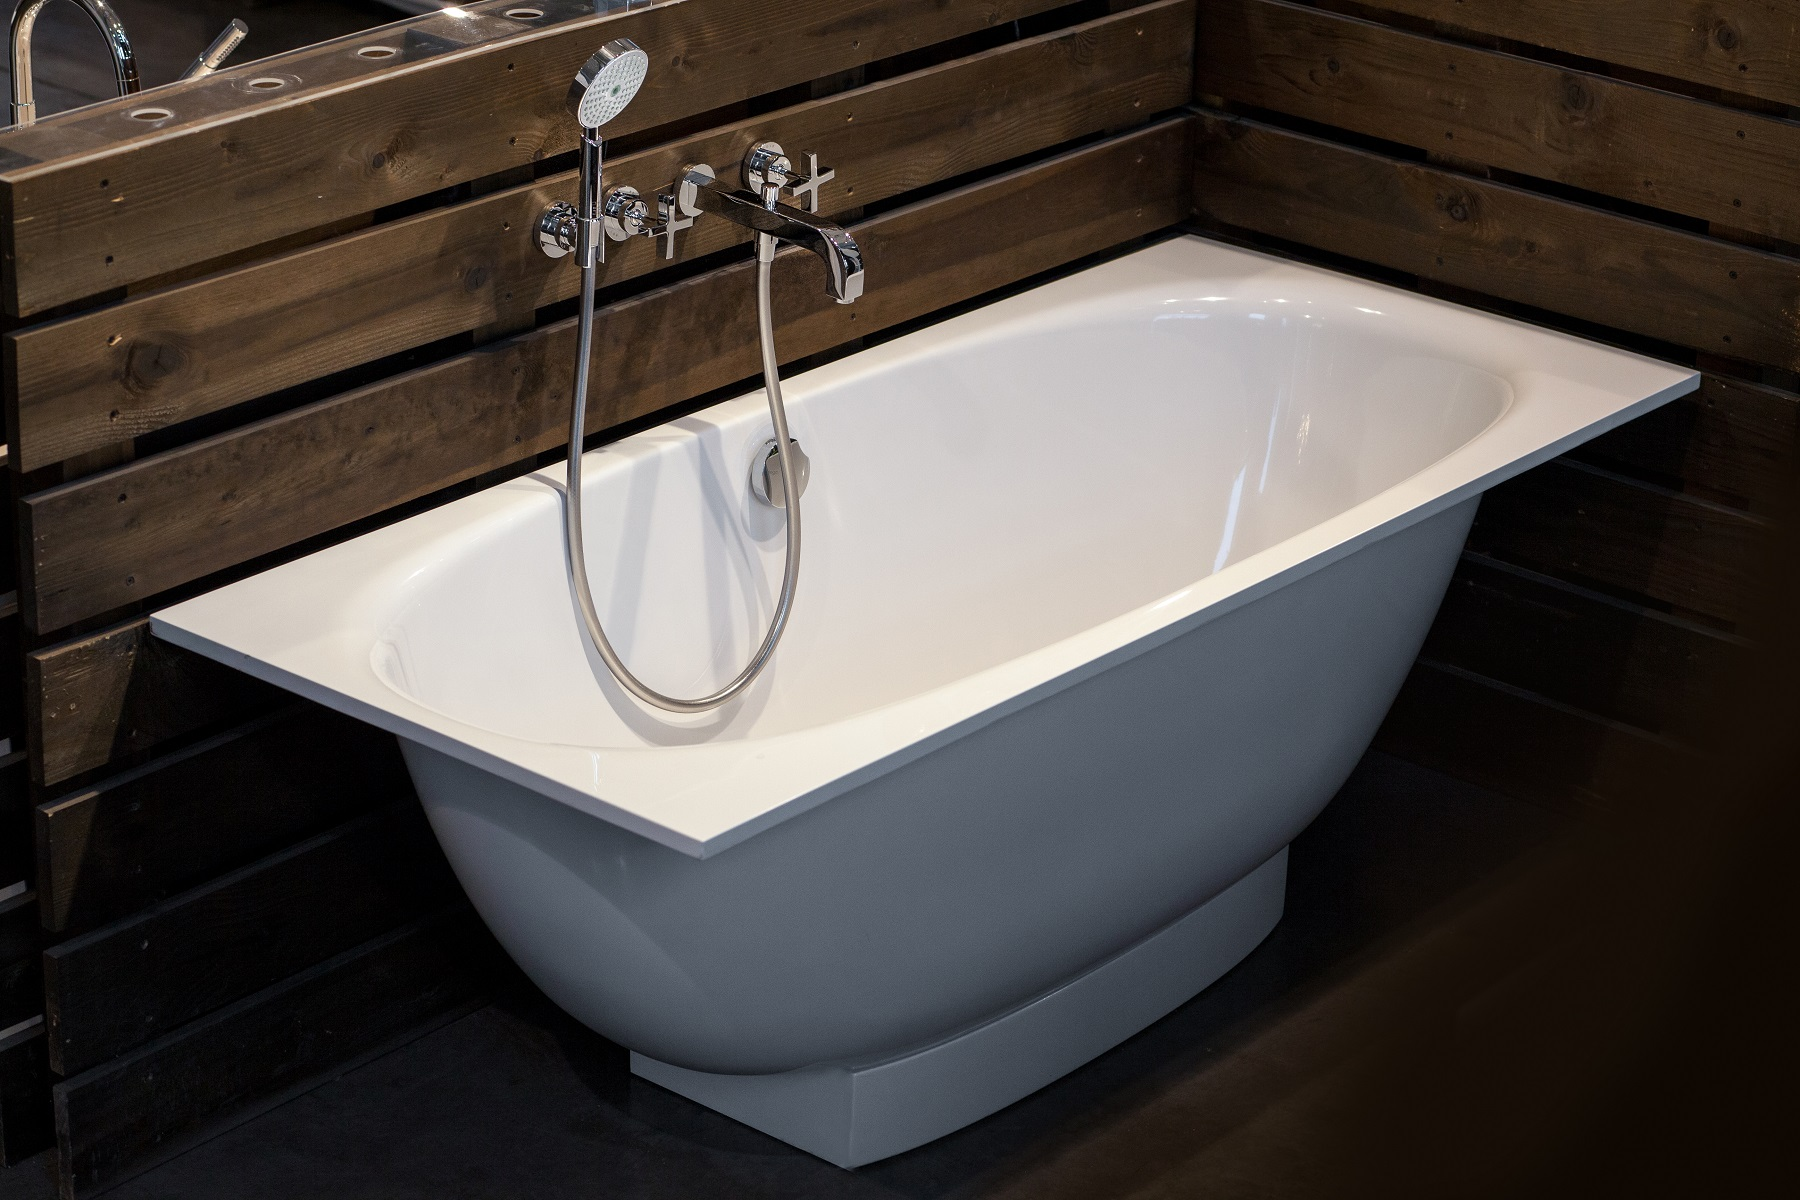 Scarico Della Vasca Da Bagno In Inglese : Gemina rect wht™ by aquatica® la vasca da bagno freestanding